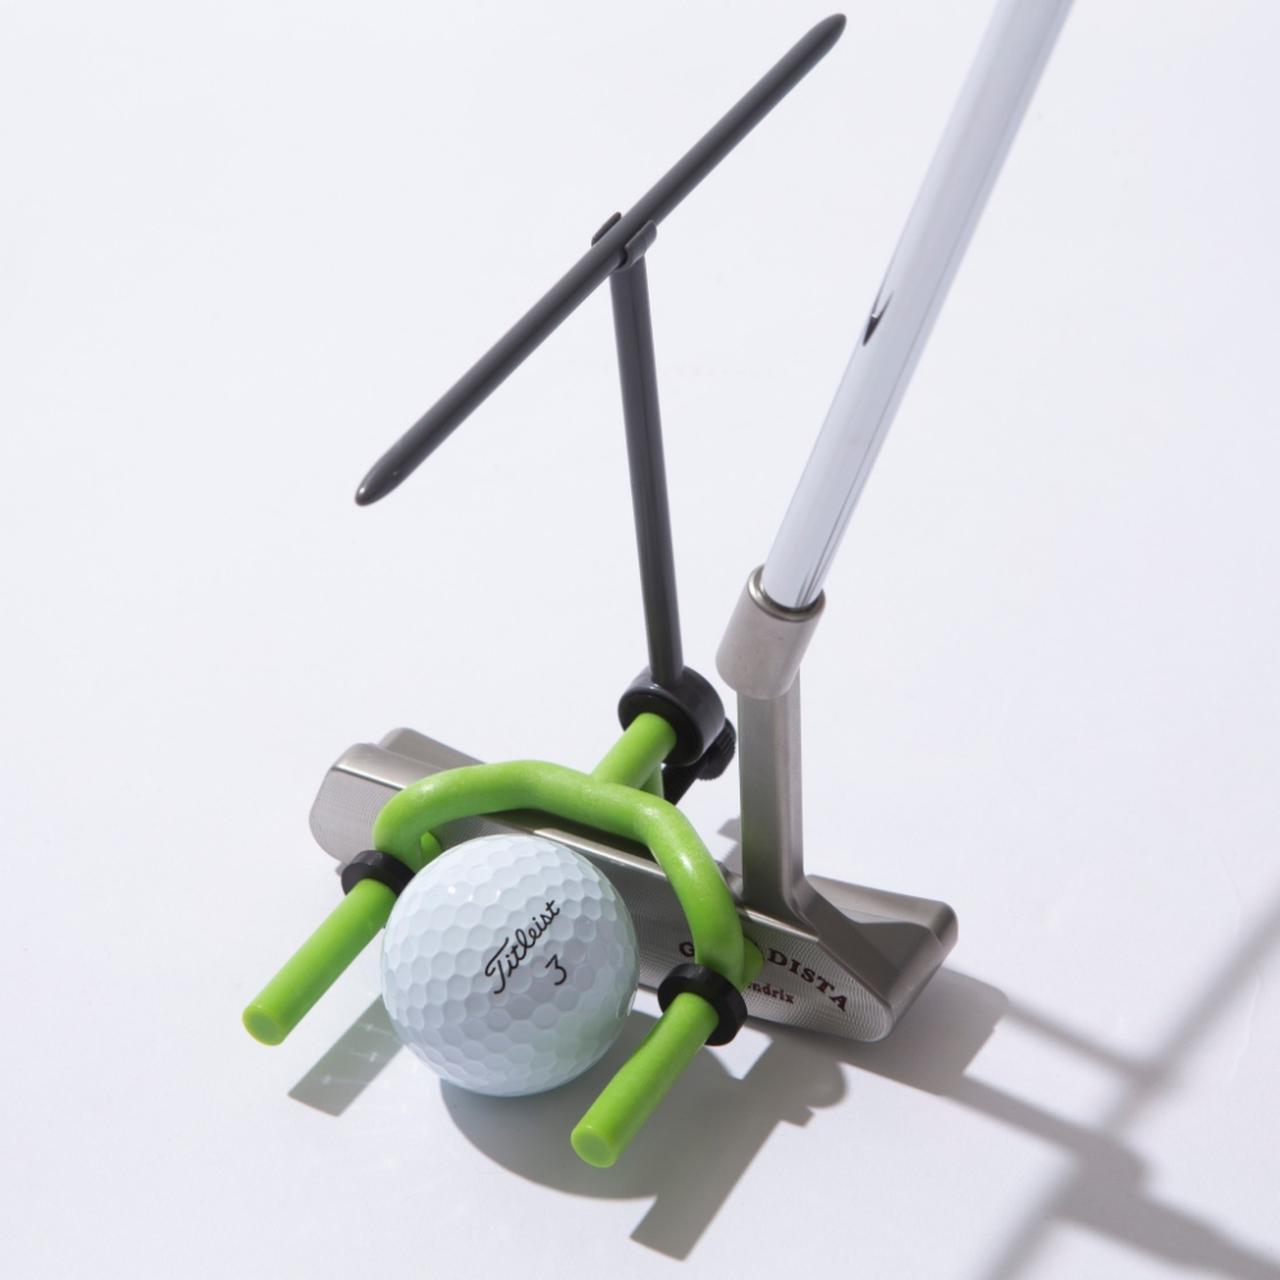 画像: 【距離感・方向性がみるみるUP!】ゴール ポスト|ゴルフダイジェスト公式通販サイト「ゴルフポケット」